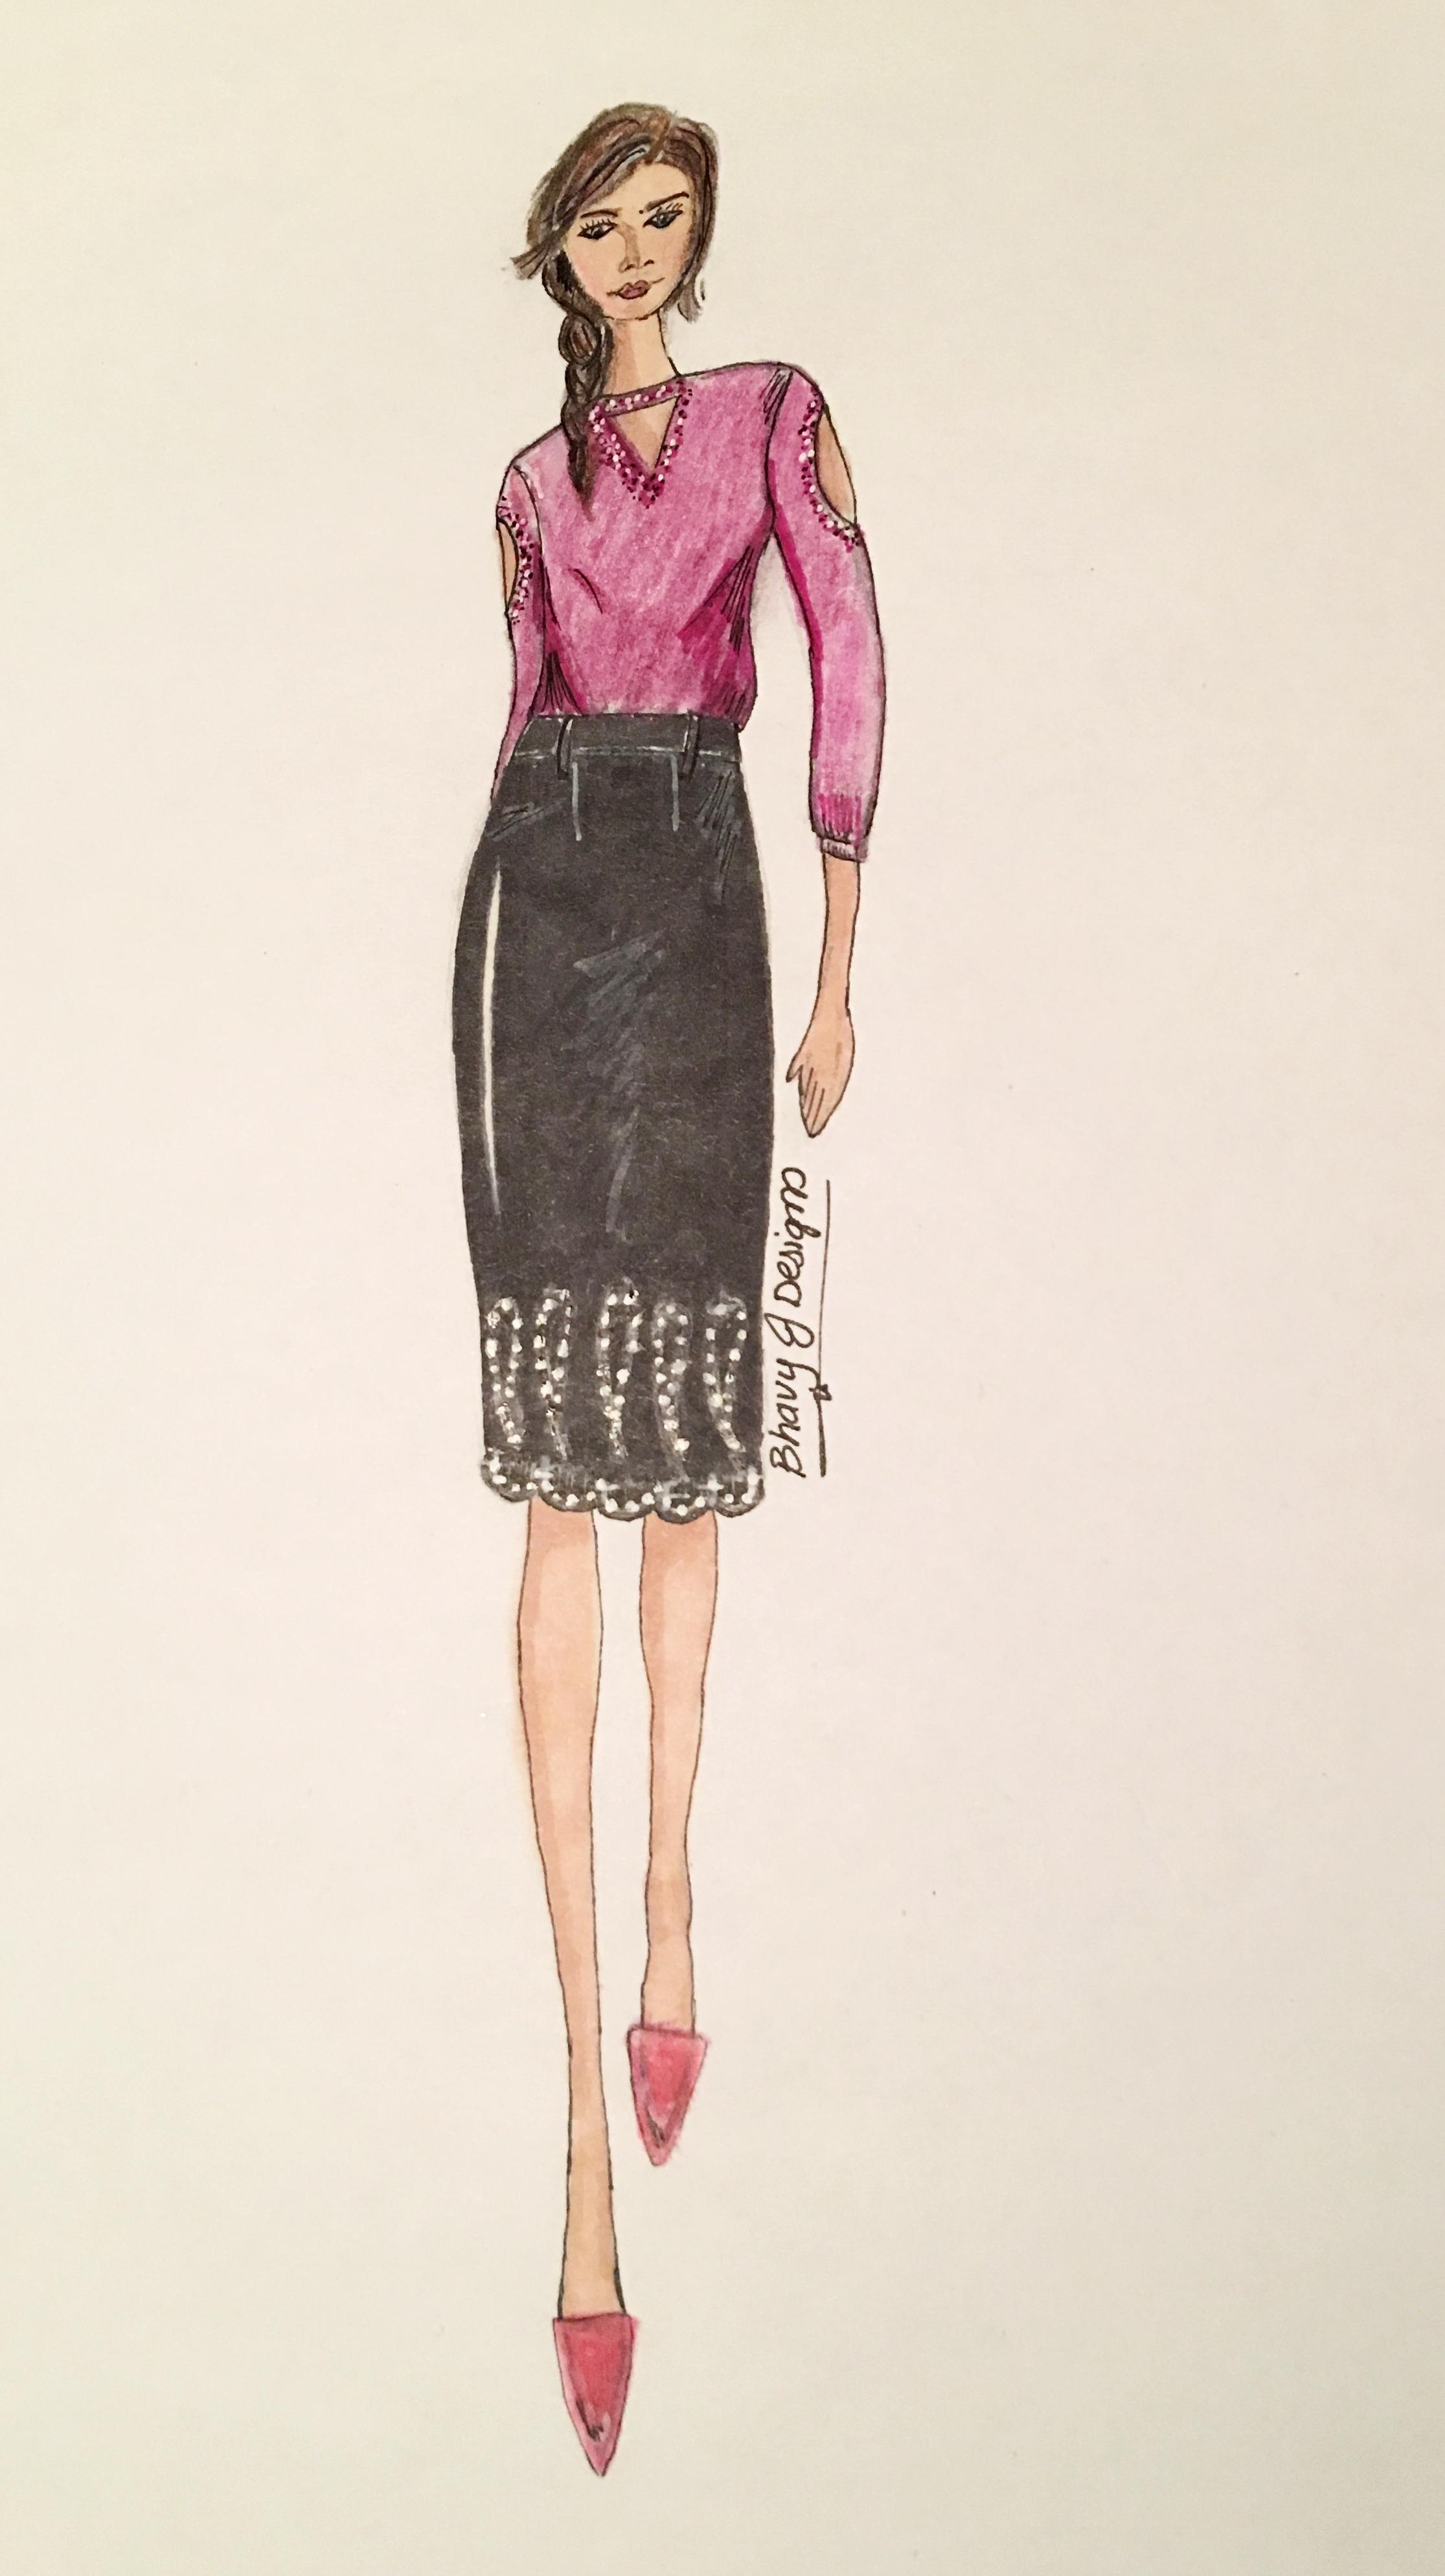 Original BhavyJ Design sketches